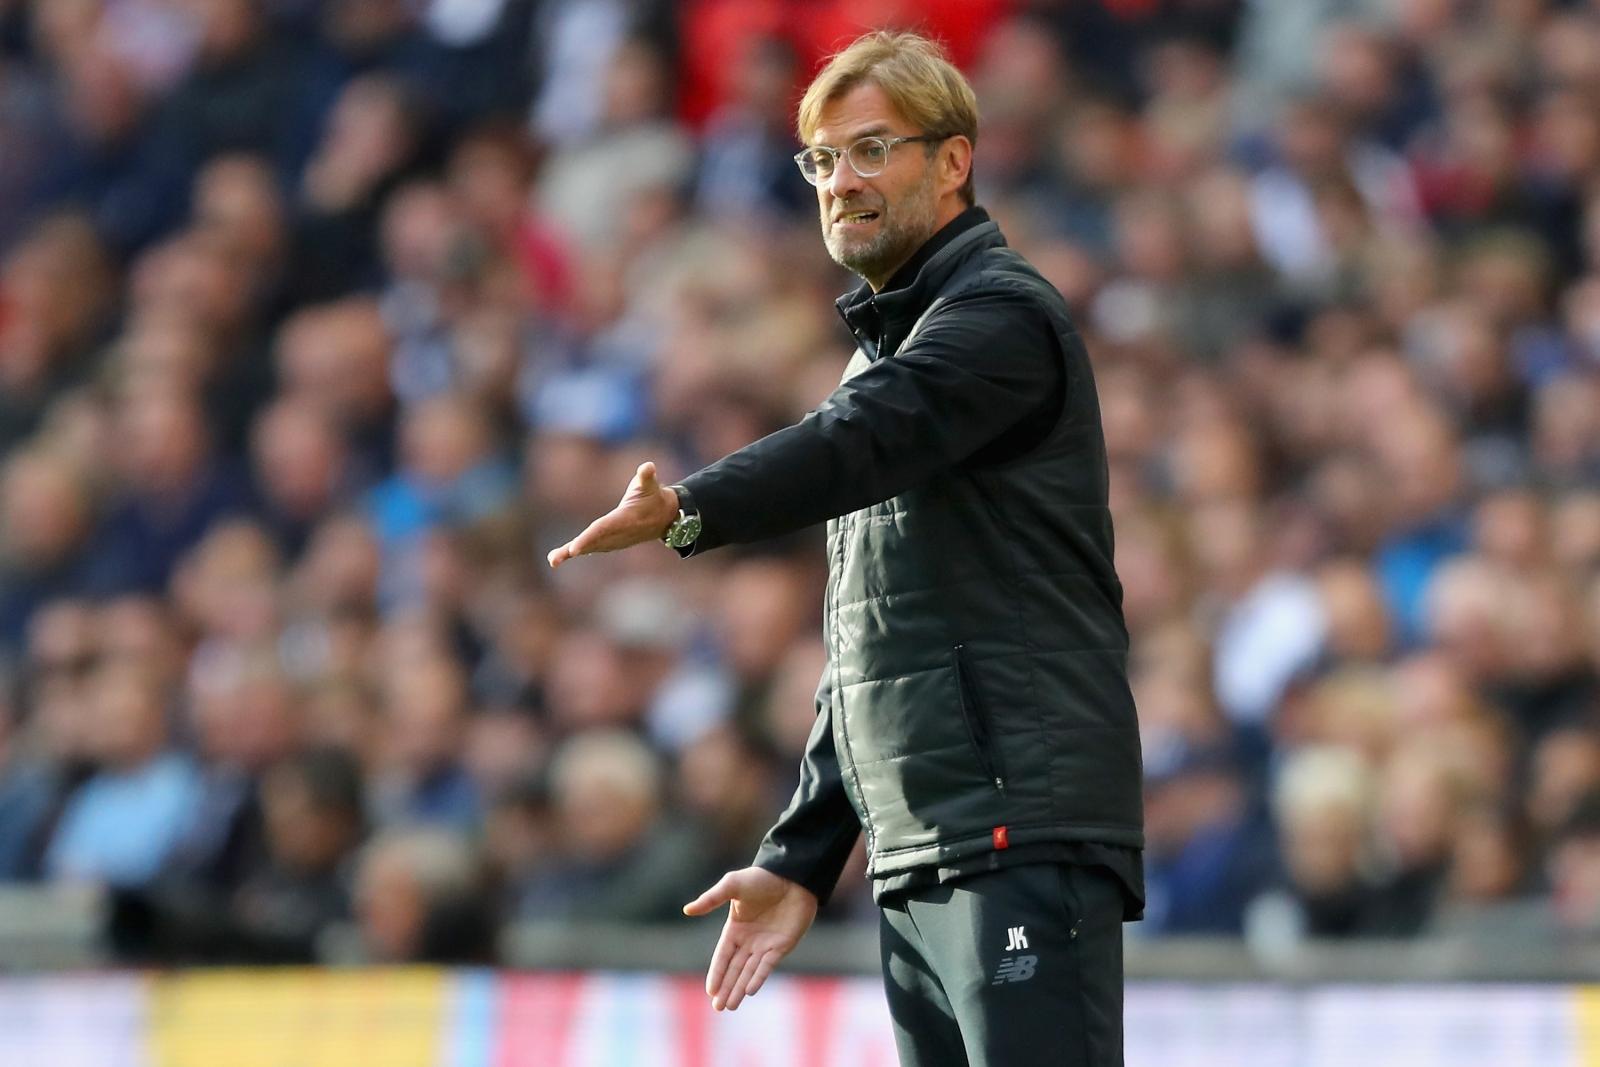 Jurgen Klopp Slams Liverpool's Defending In Horror Show At Tottenham Hotspurs